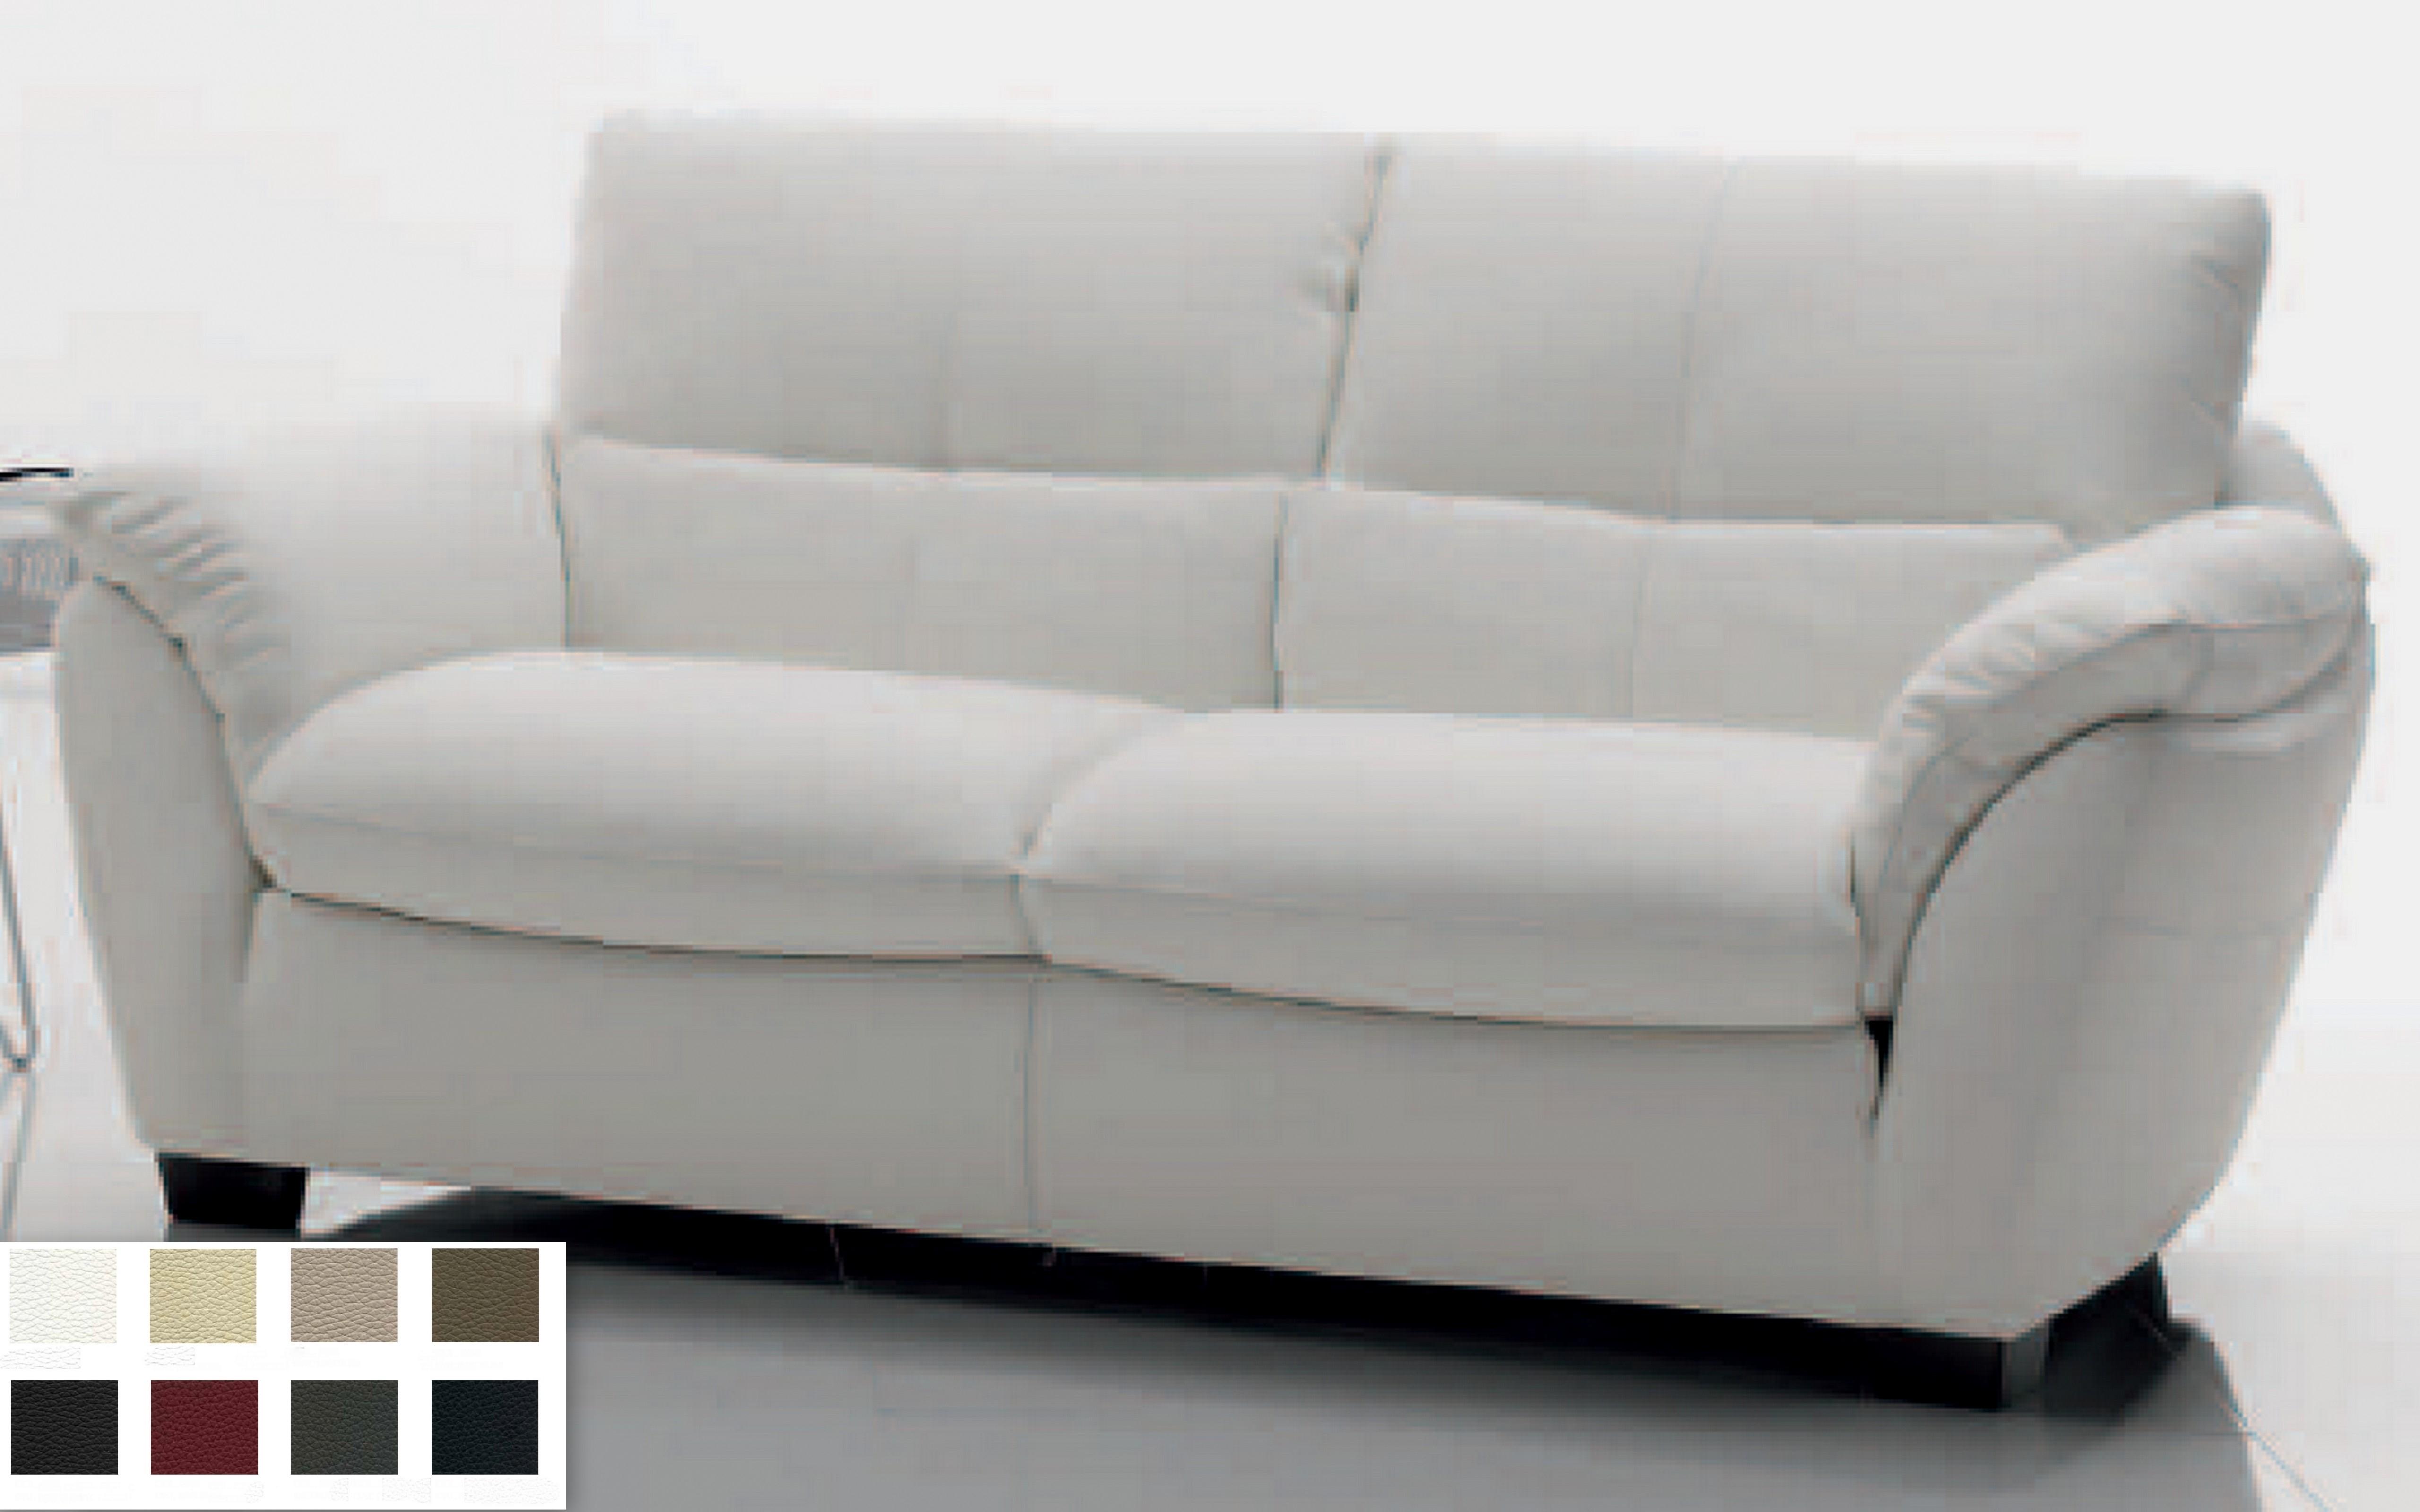 Canap en cuir malou mod le canap 2 places couleur blanc - Canape cuir 2 couleurs ...